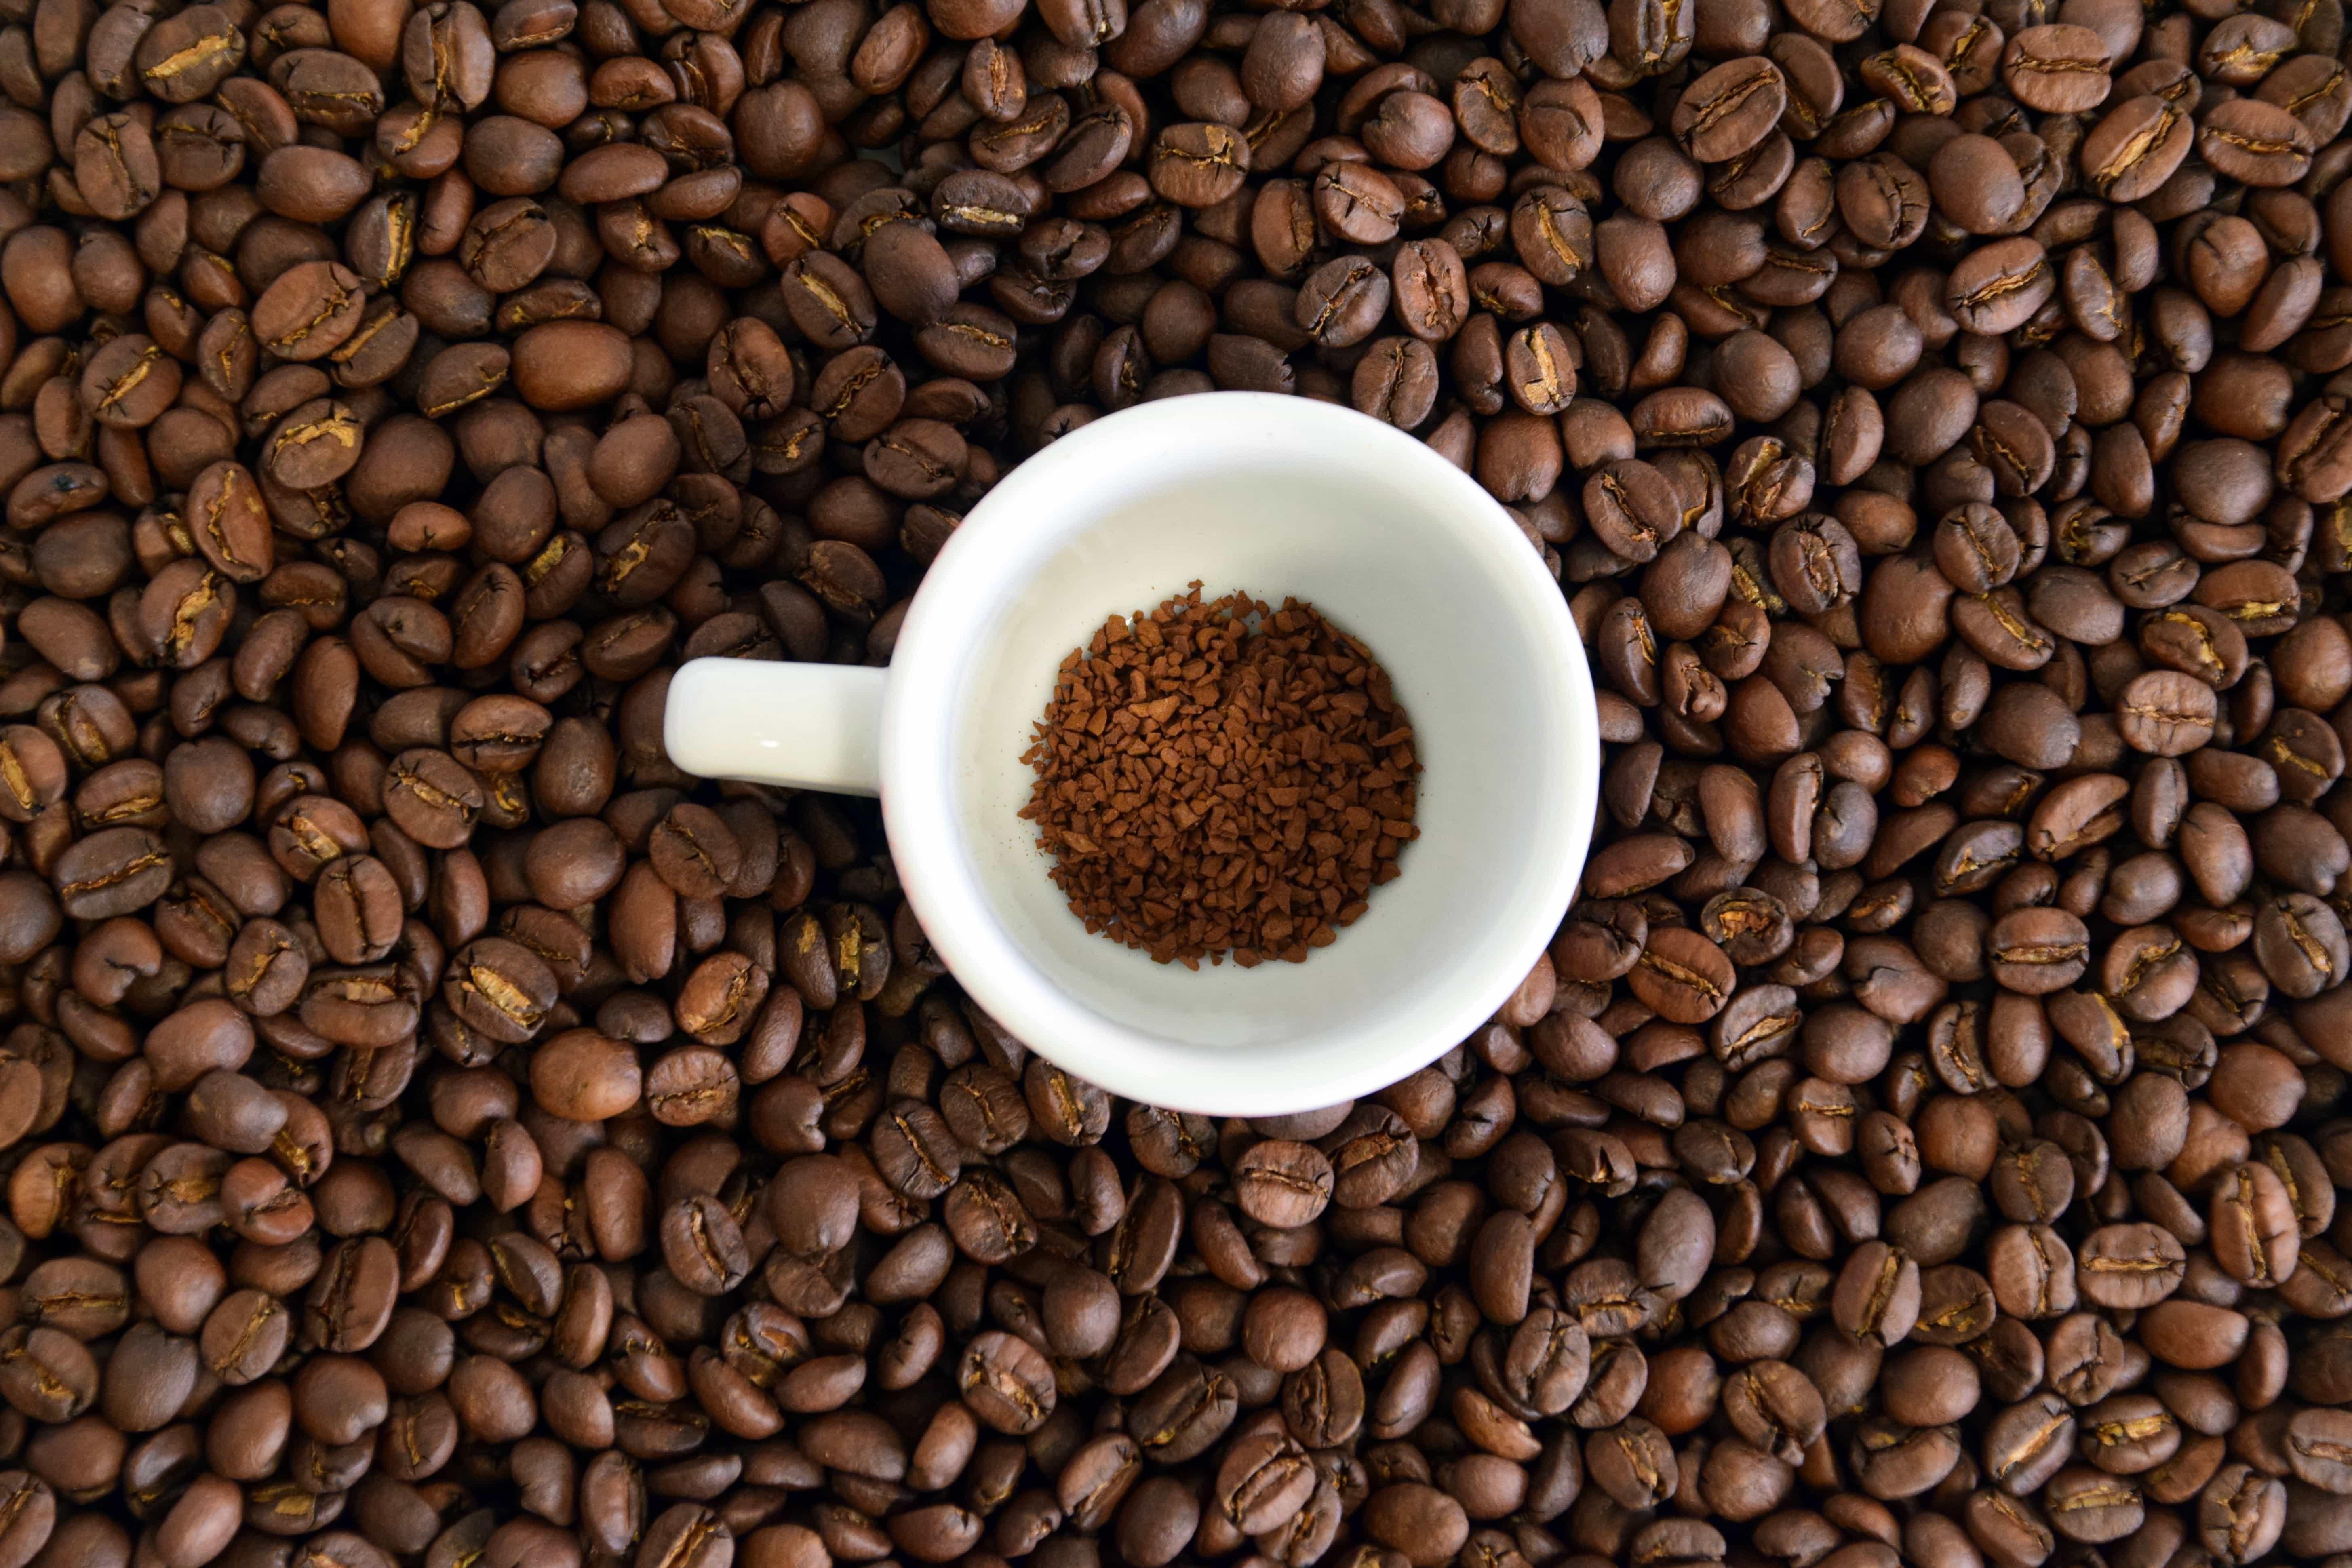 Kostenlose Bild: Koffein, Bohnen, Kaffee, Tasse, trinken, Cappuccino ...